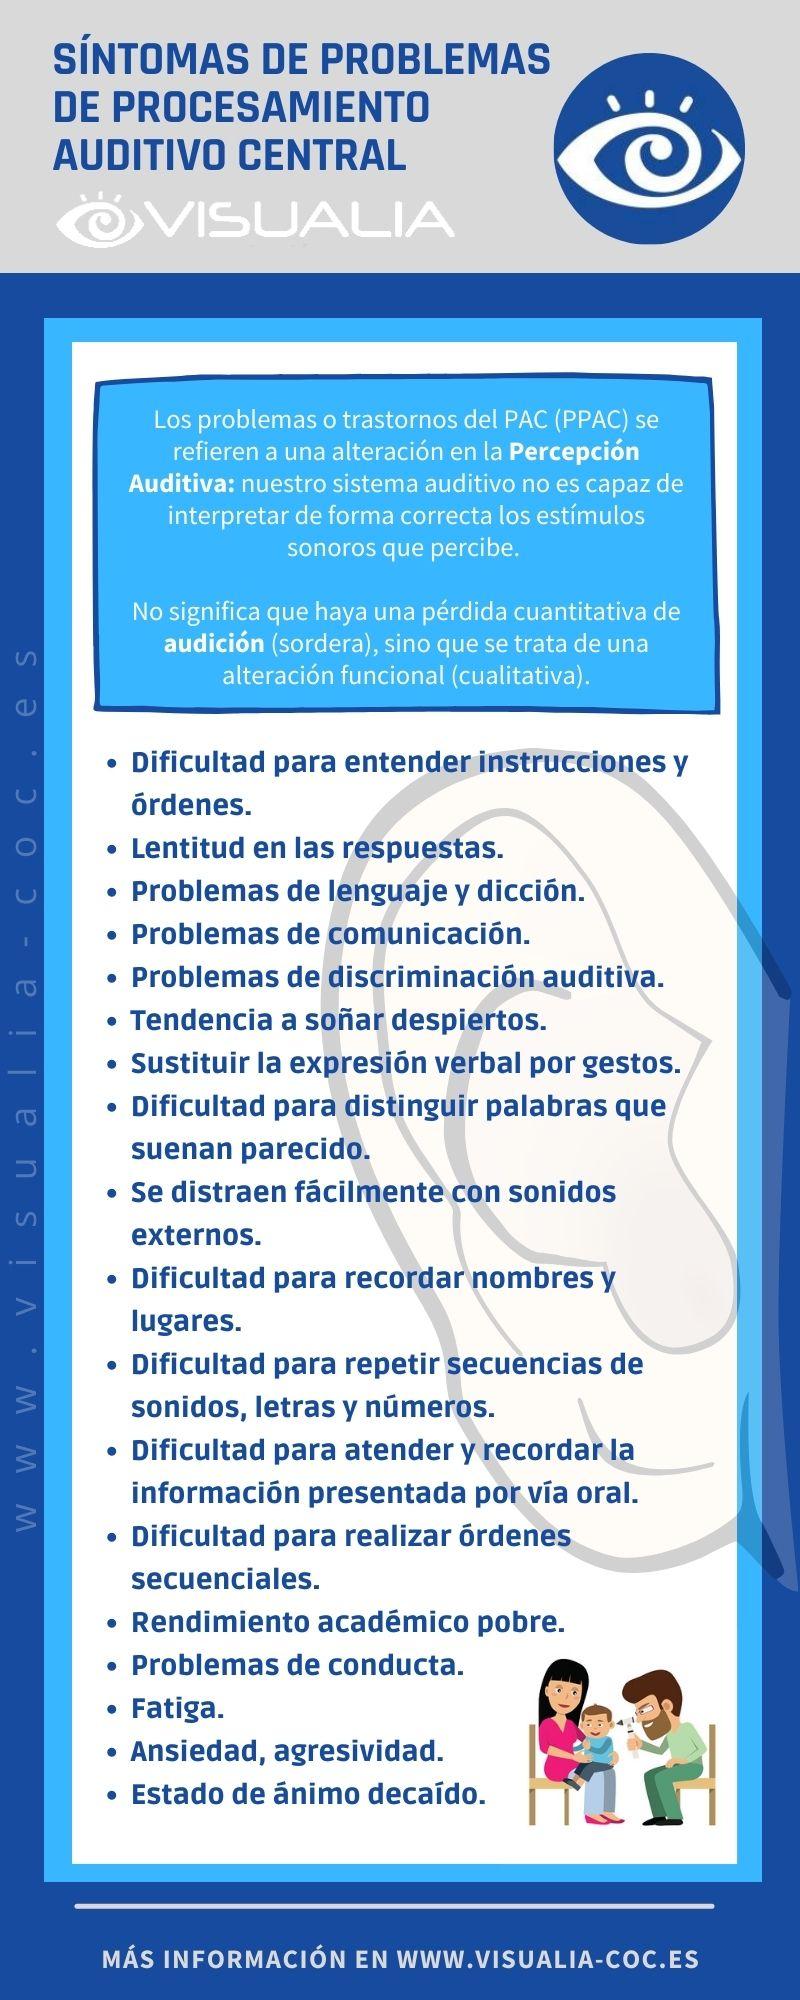 Síntomas de problemas de procesamiento auditivo central